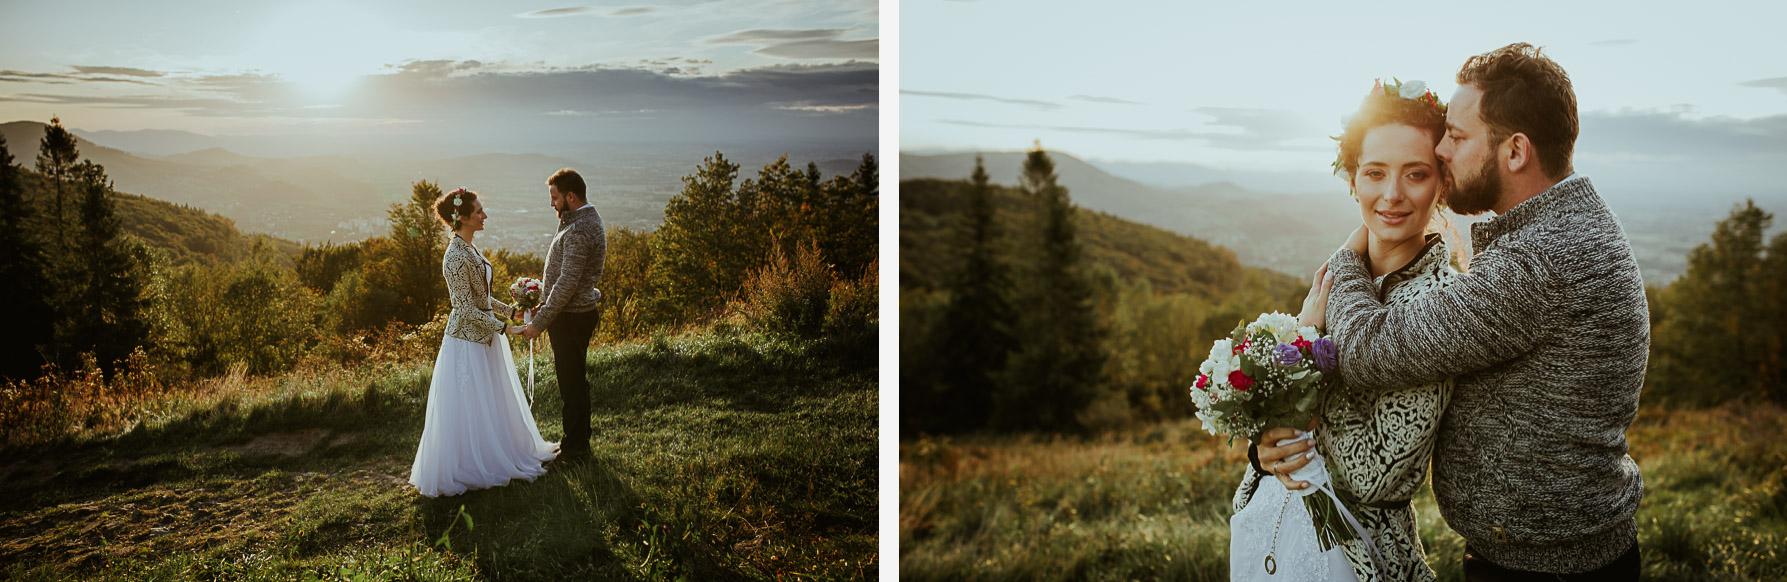 Sesja Ślubna w górach jesień 046 a9a